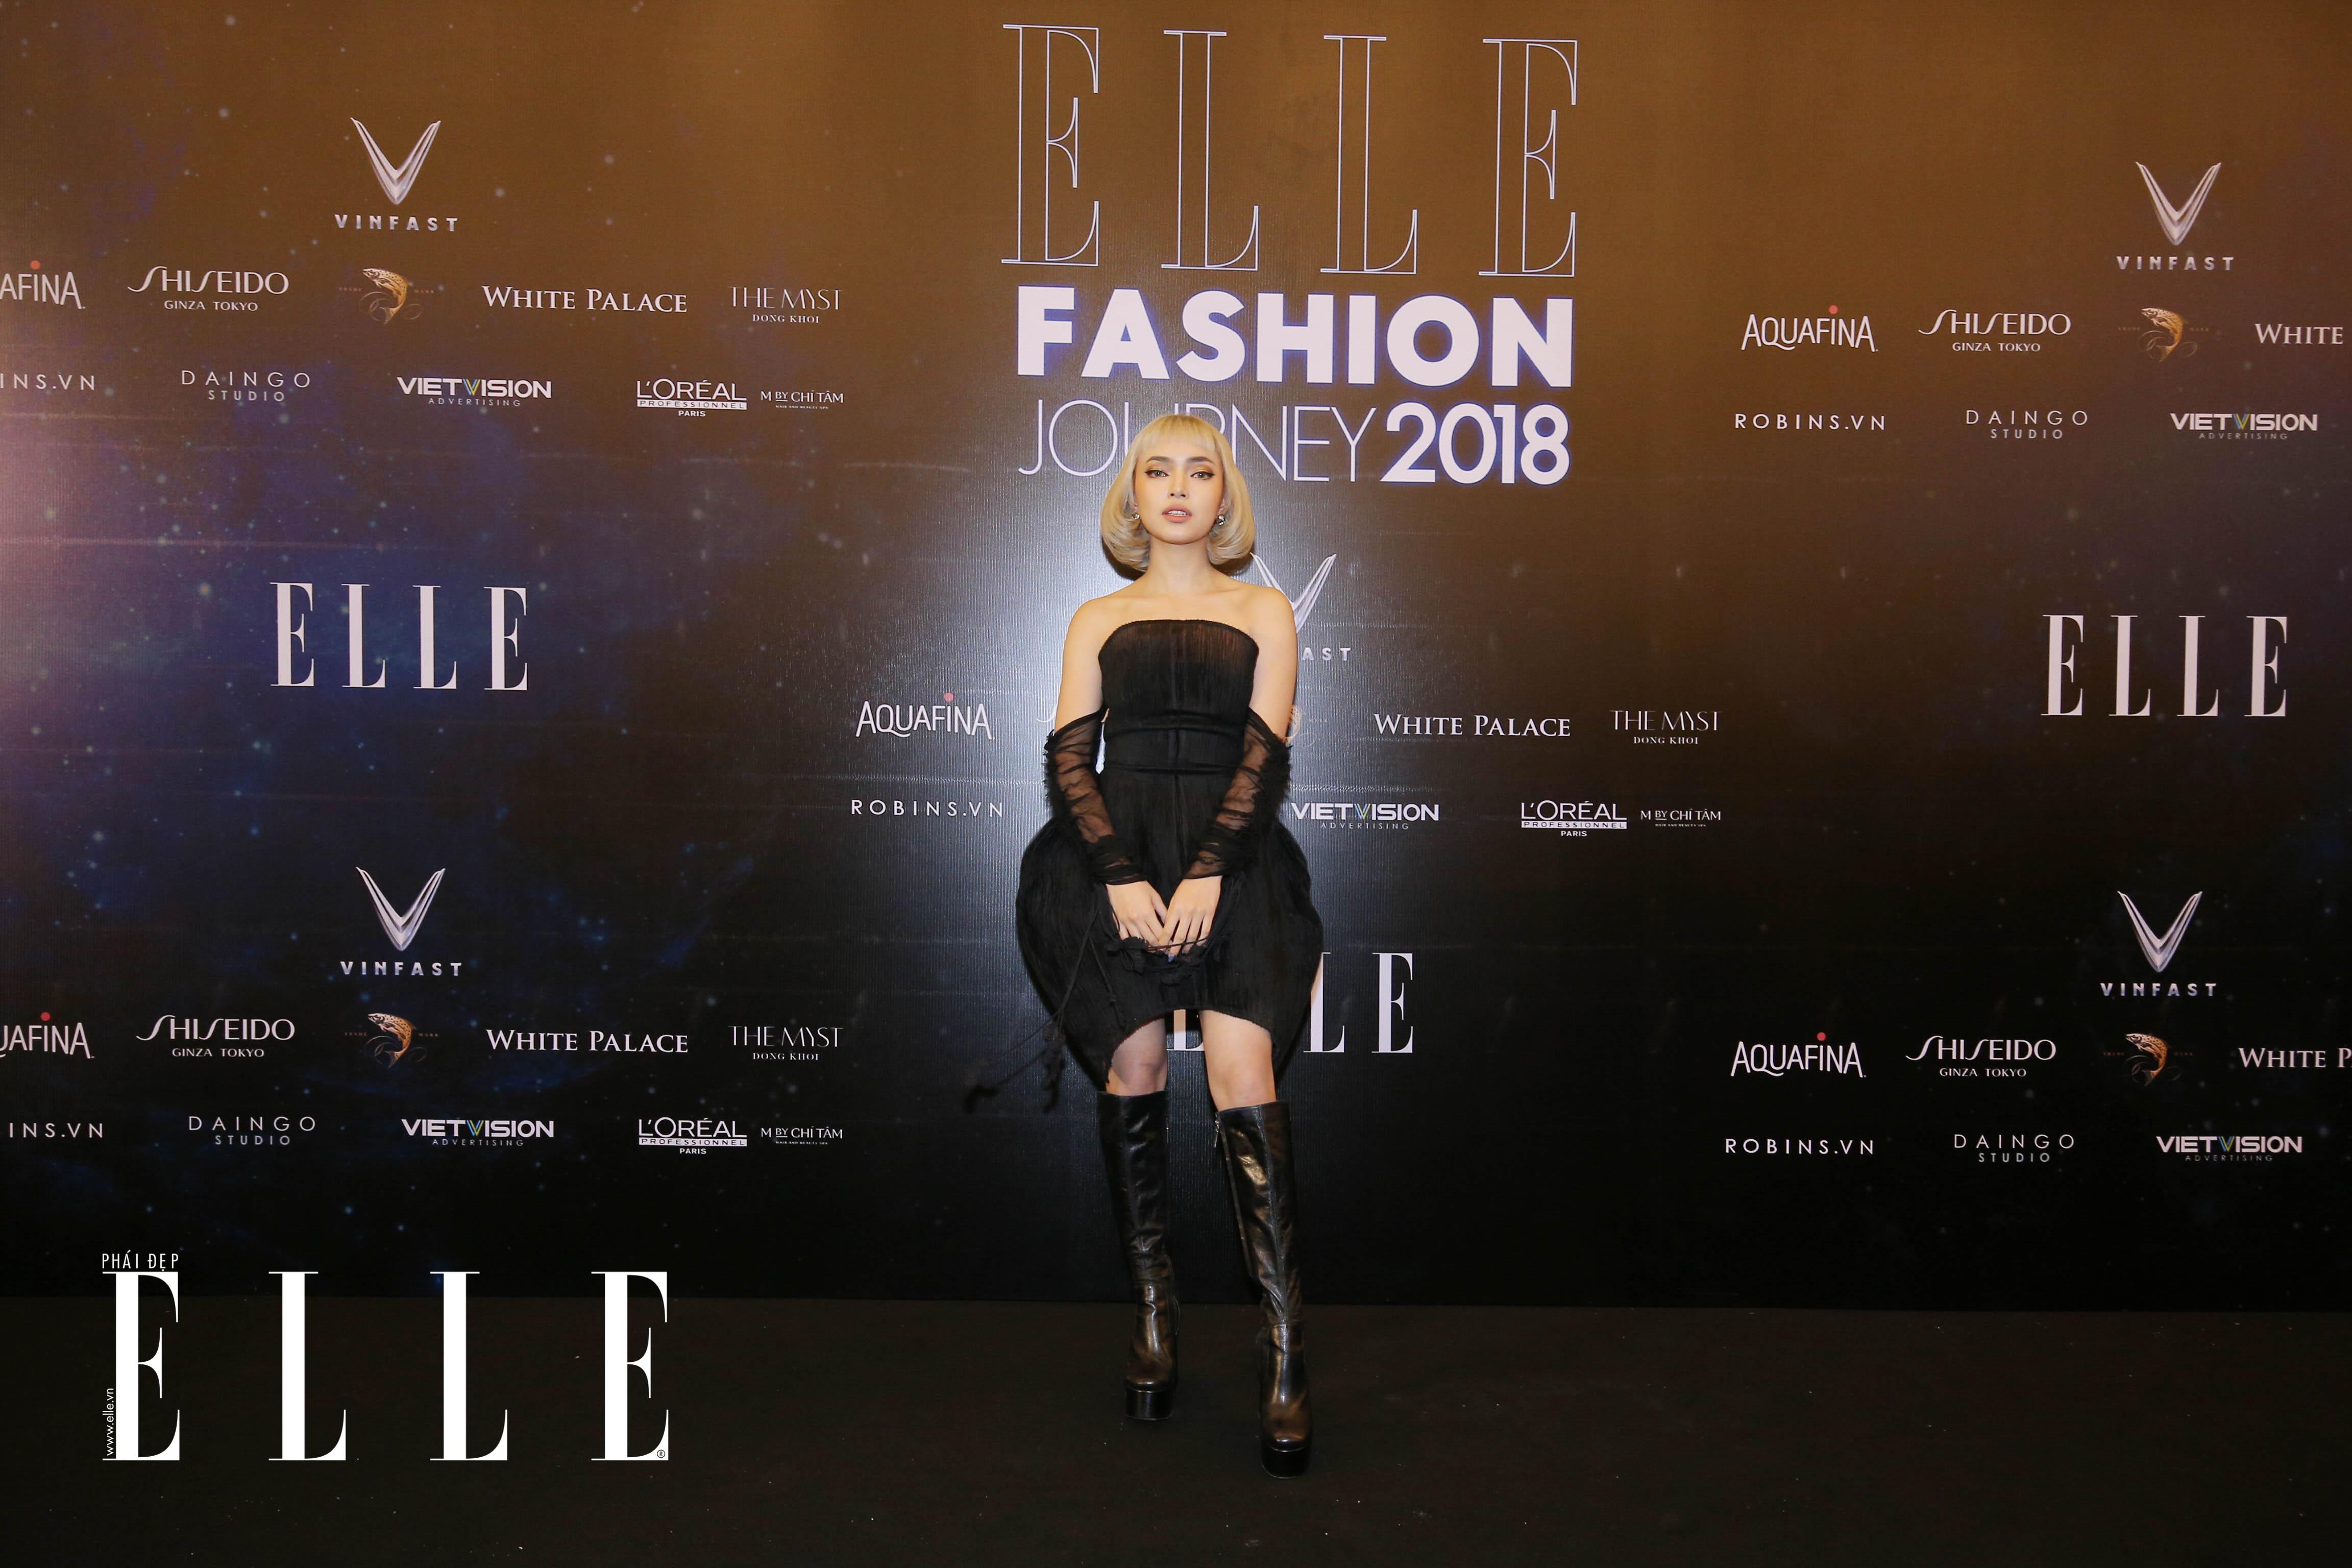 BL8Q5984 Mỹ Tâm, Thanh Hằng cùng dàn sao rạng rỡ trên thảm đỏ ELLE Fashion Journey 2018